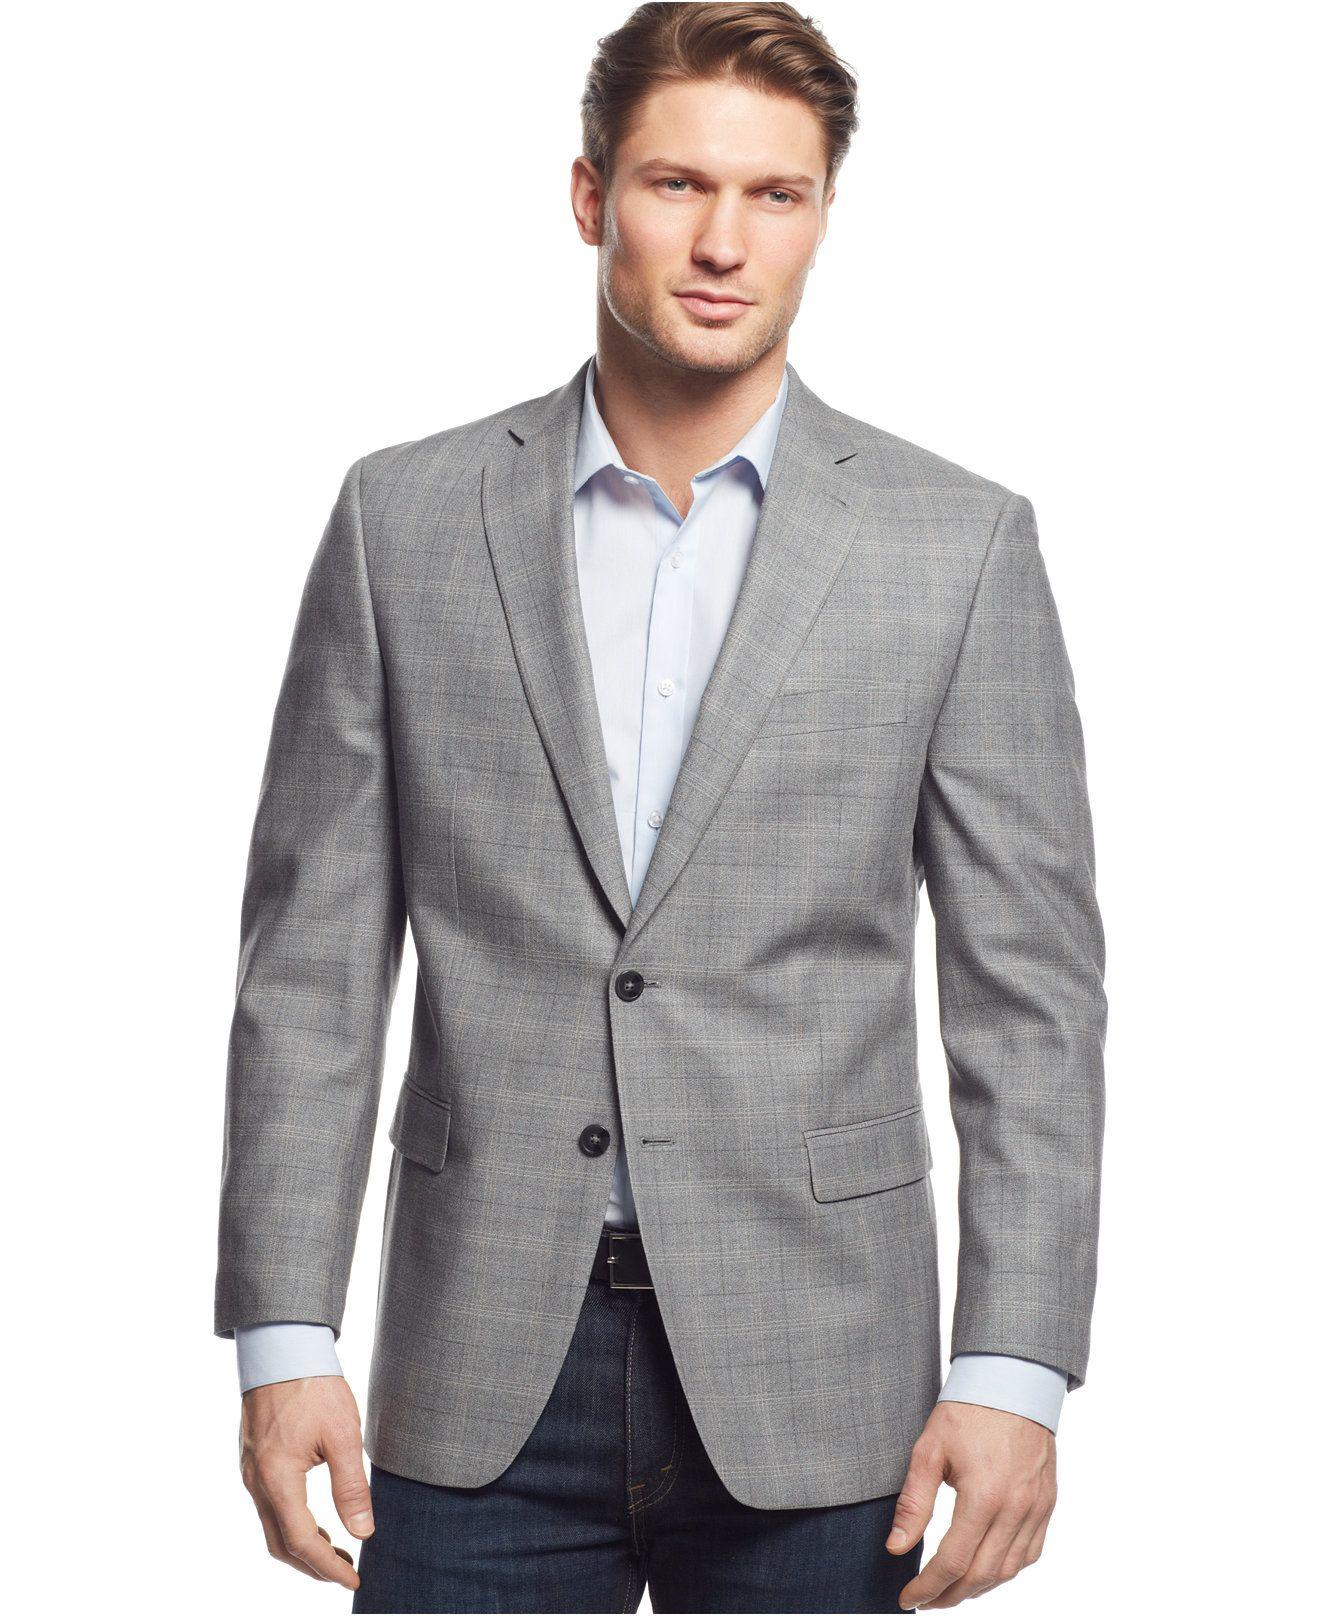 Calvin Klein Grey Windowpane Slim-Fit Sport Coat - Blazers & Sport Coats -  Men